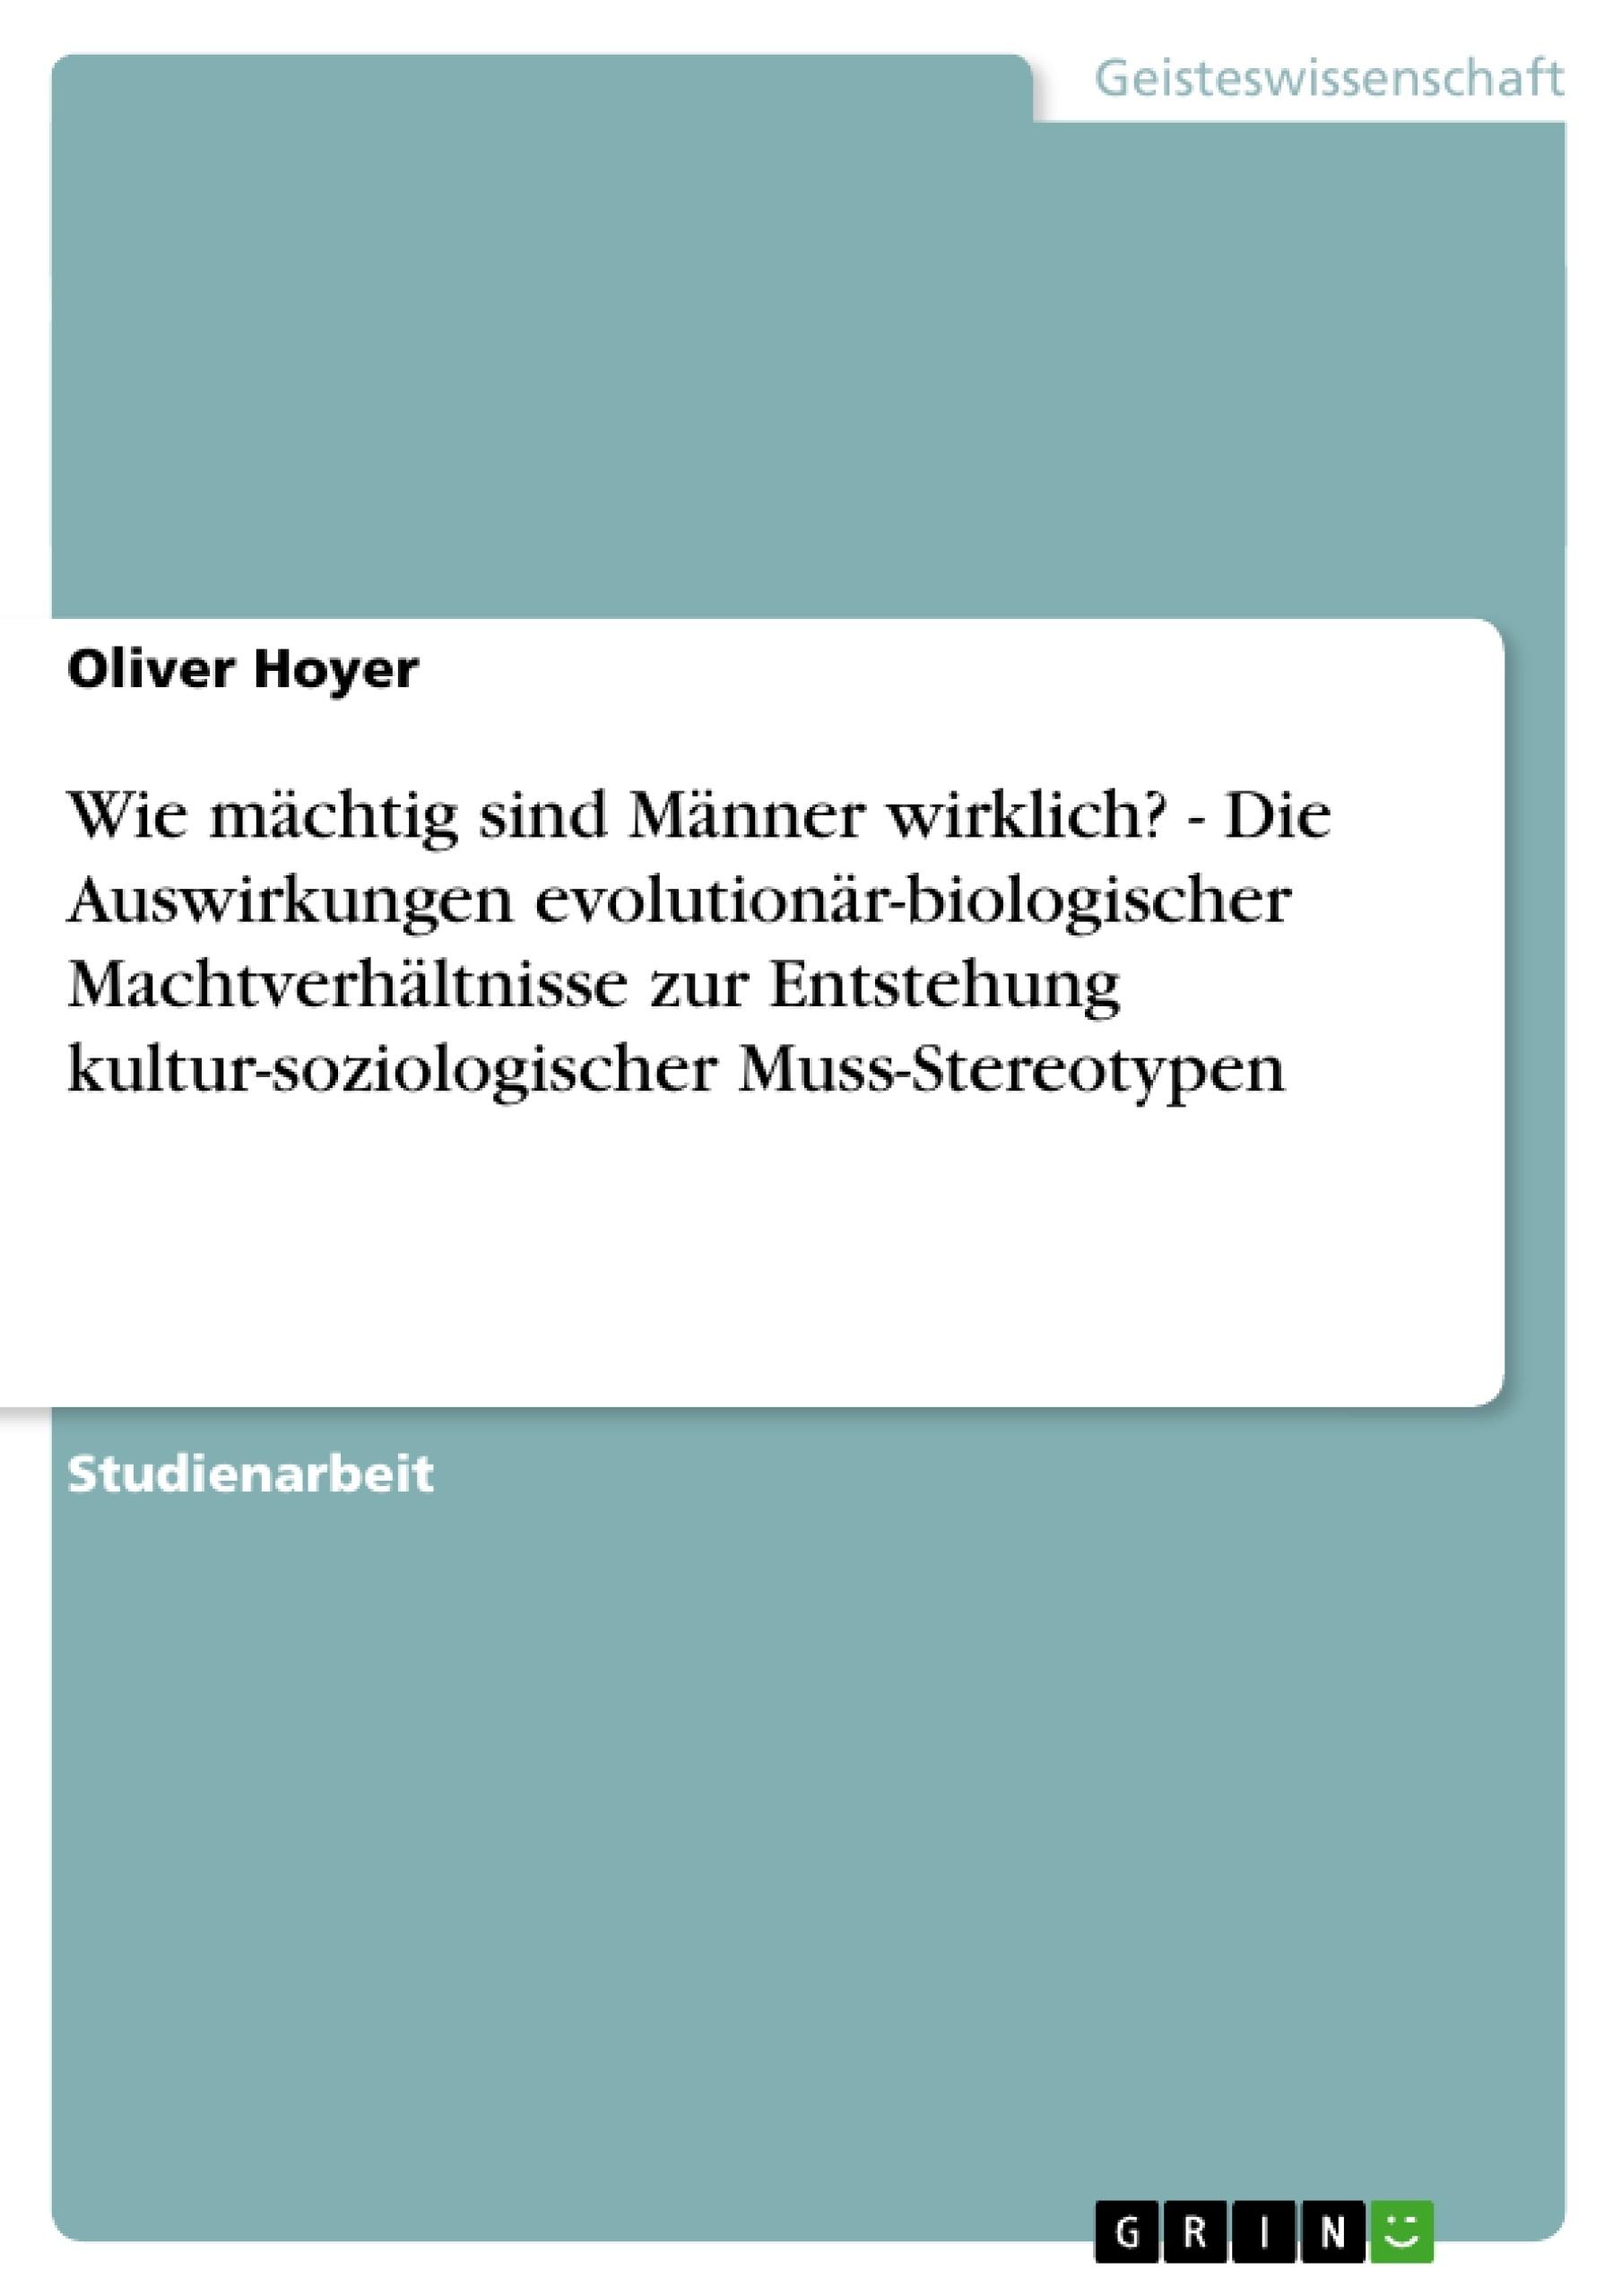 Titel: Wie mächtig sind Männer wirklich? - Die Auswirkungen evolutionär-biologischer Machtverhältnisse zur Entstehung kultur-soziologischer Muss-Stereotypen